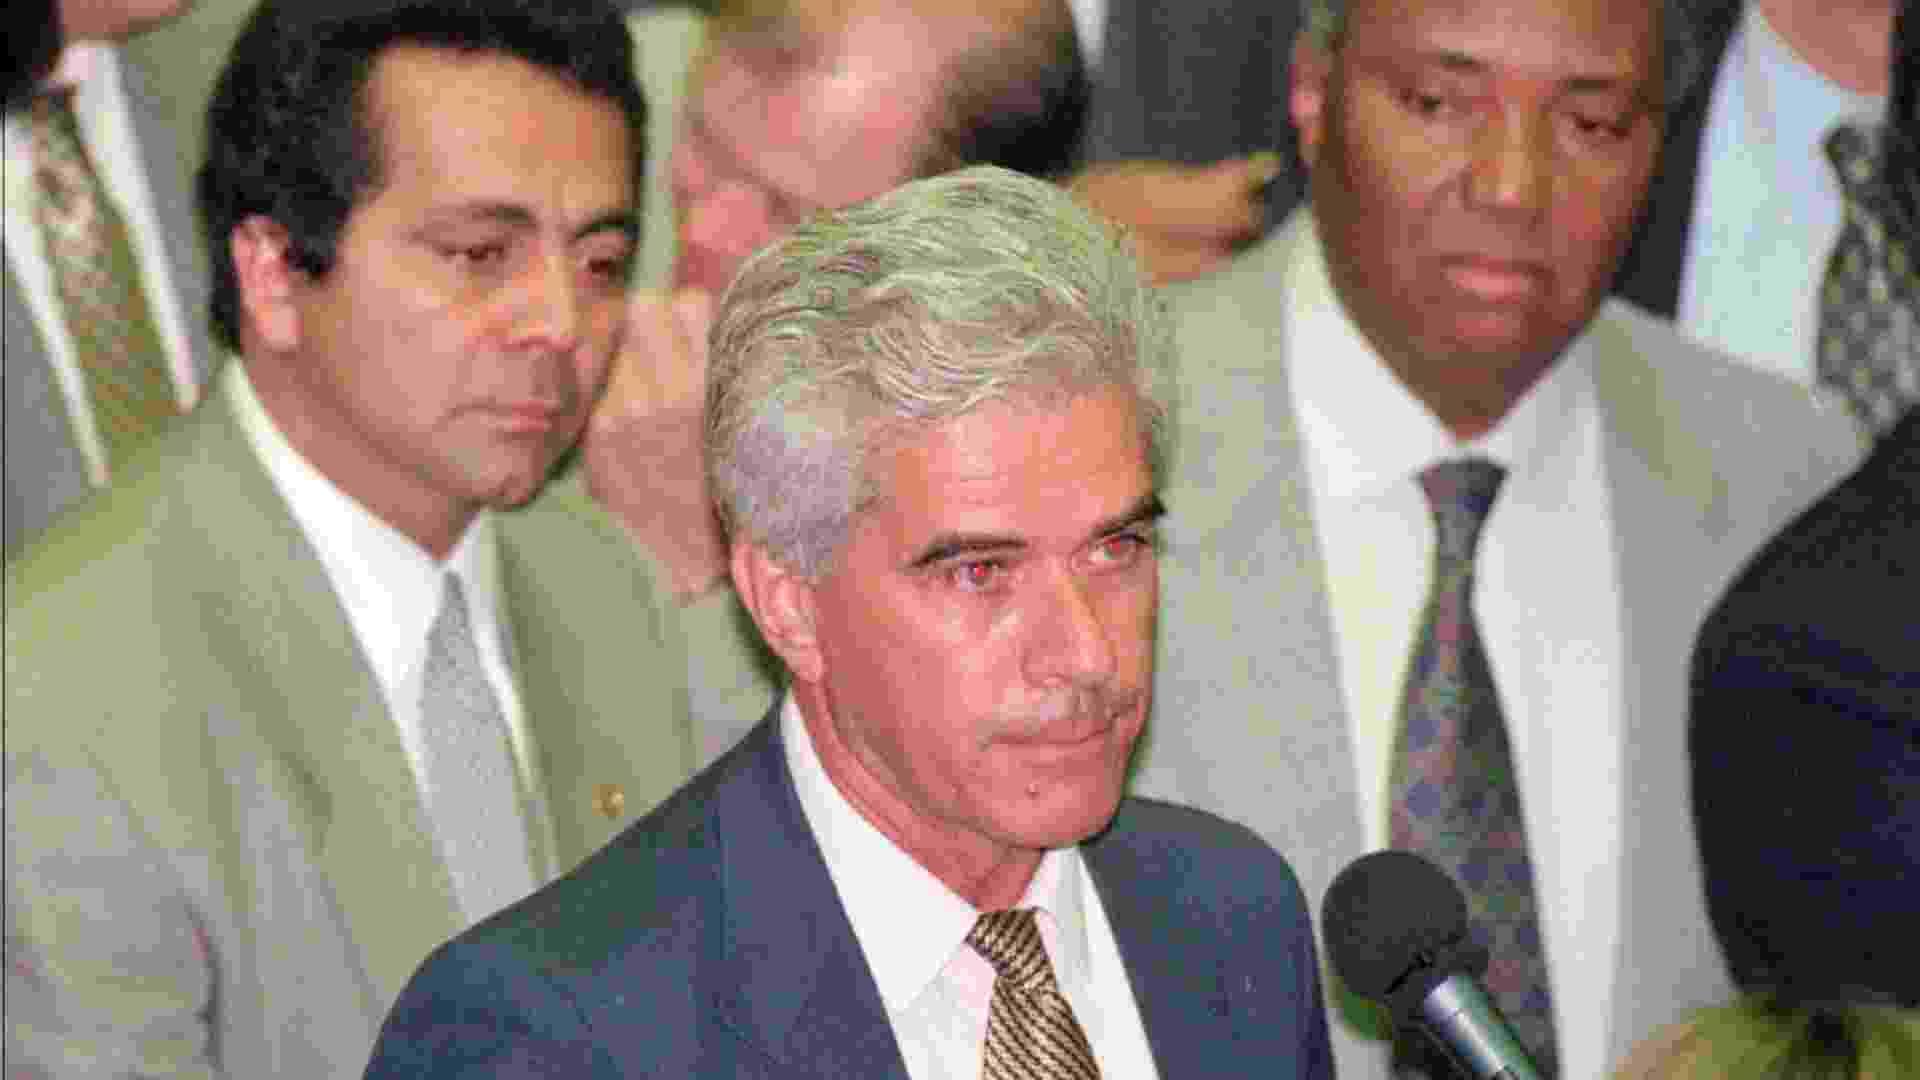 19.fev.2014 - O ex-deputado João Maia, na época PFL e hoje DEM, renunciou pelo mesmo motivo de Ronivon, em 21 de maio de 1997 - Jefferson Rudy/Folhapress